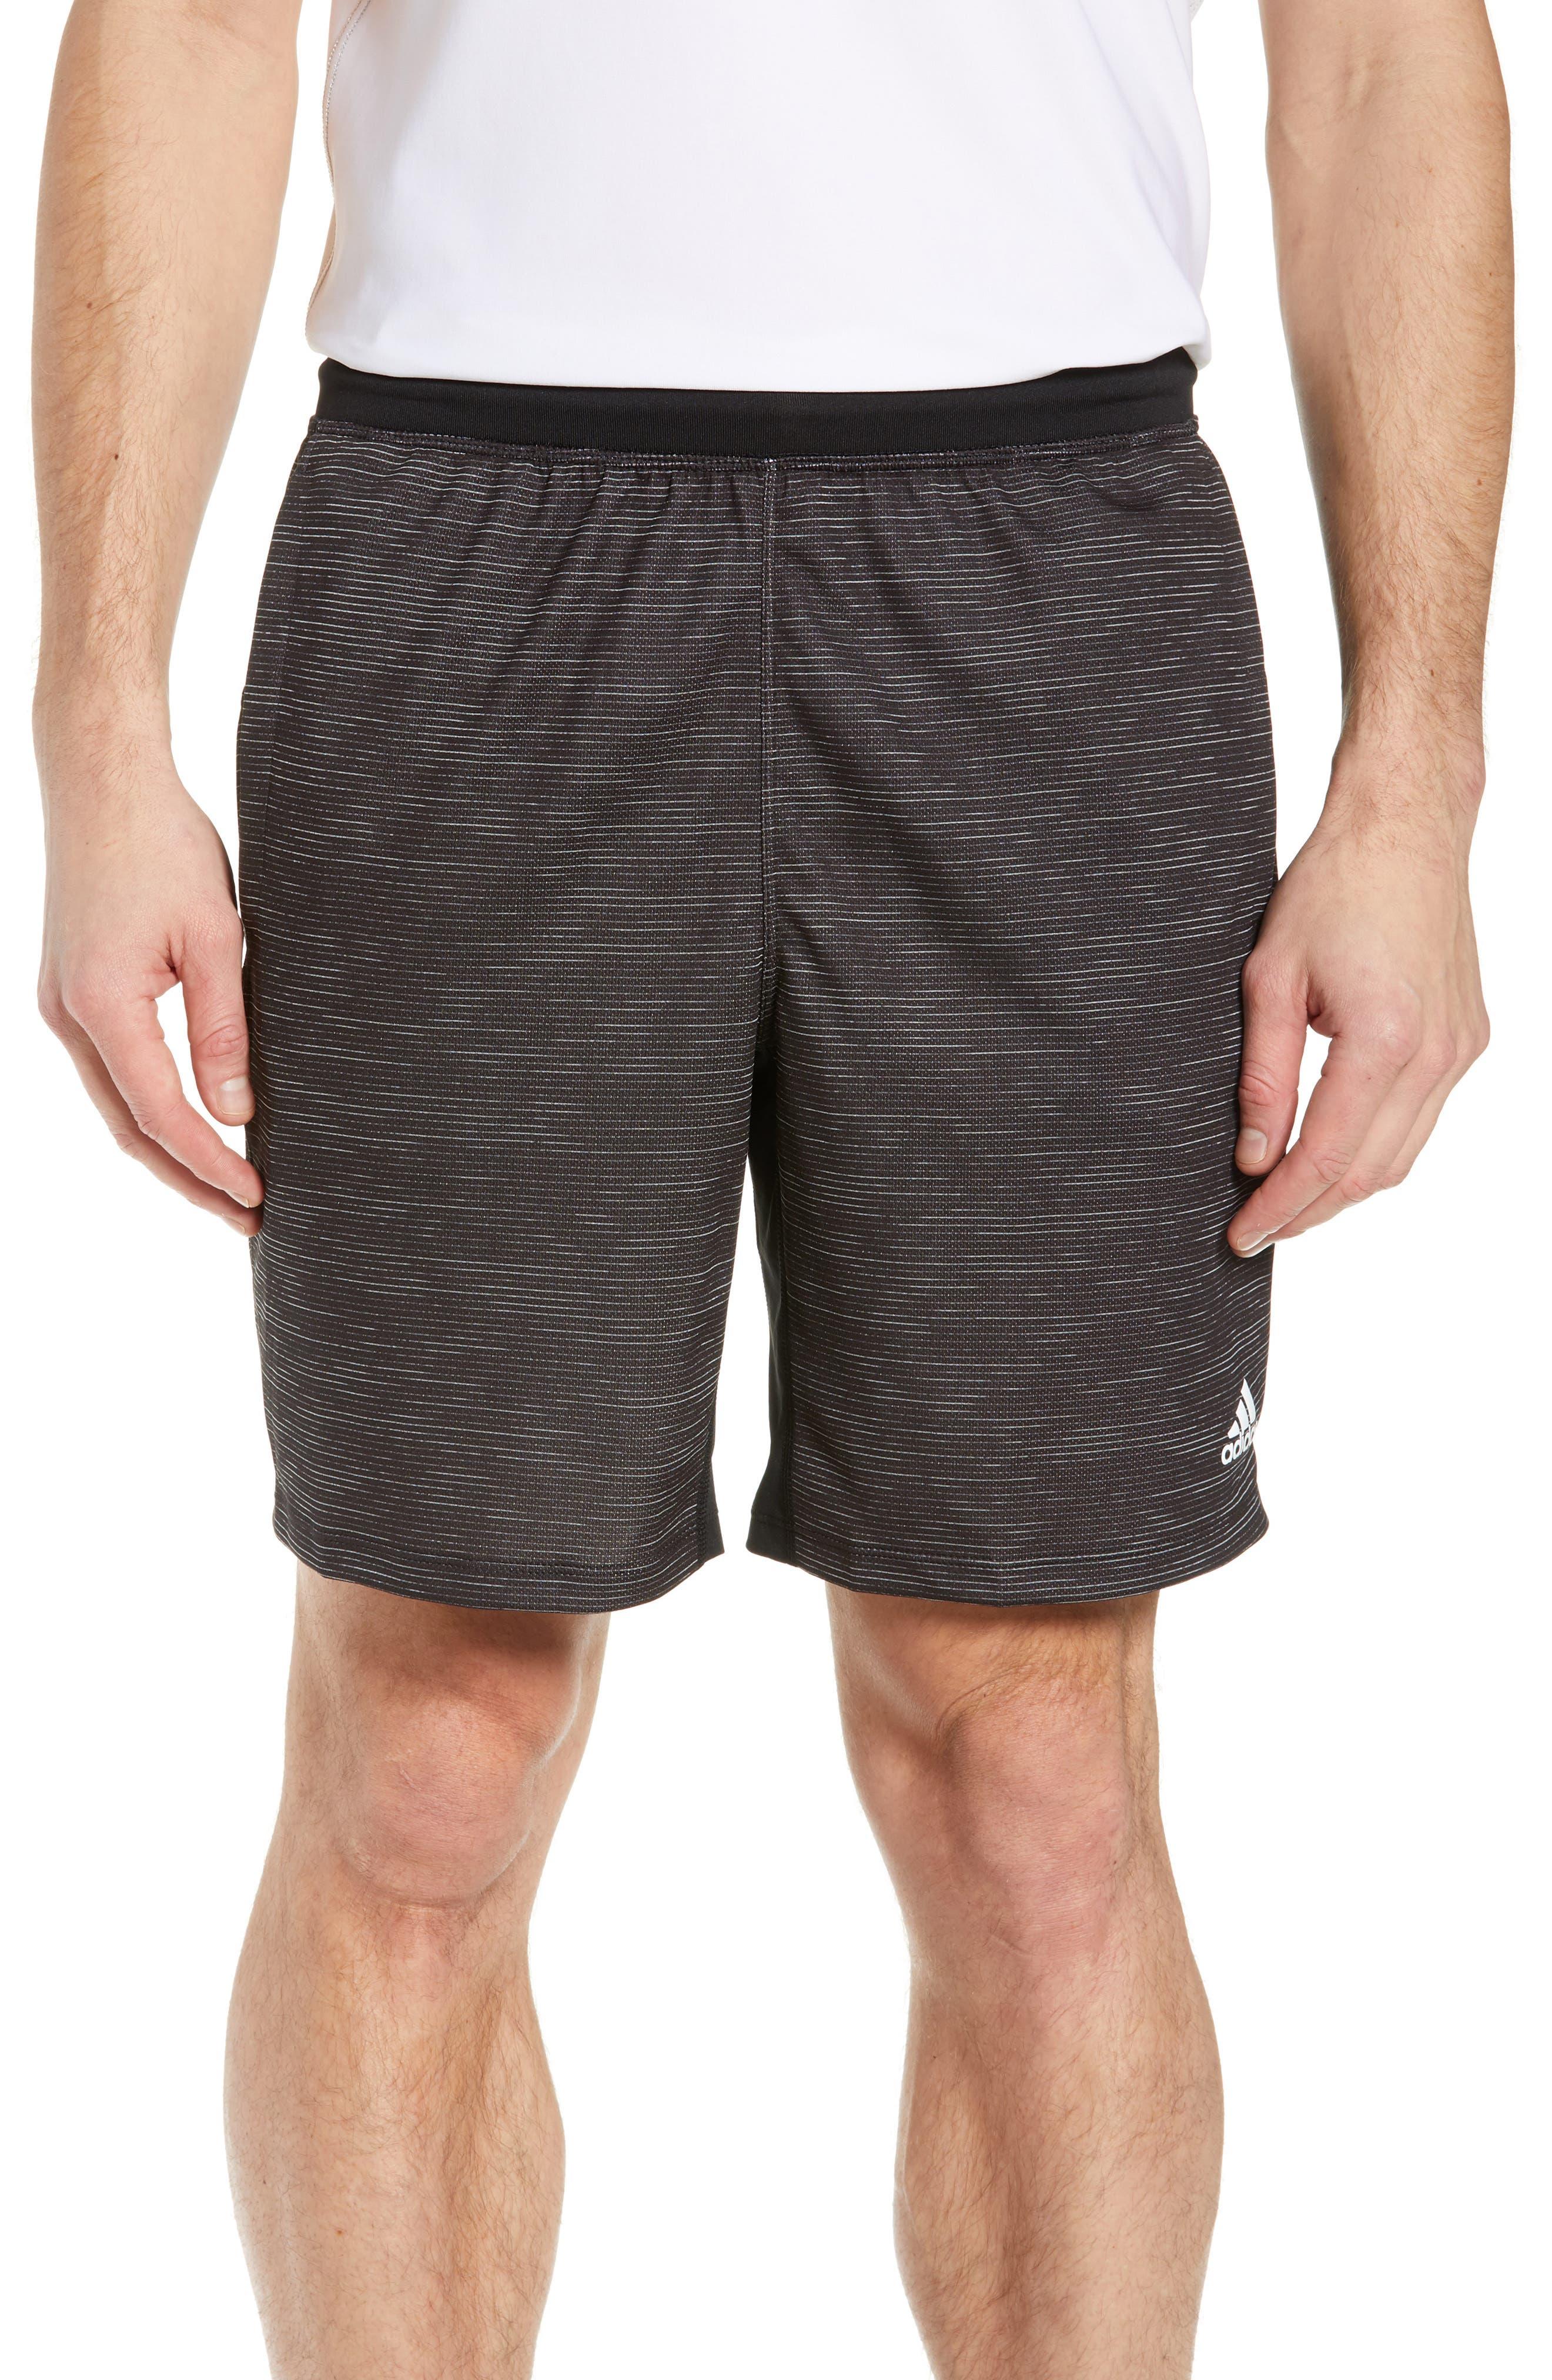 Adidas Knit Shorts, Black